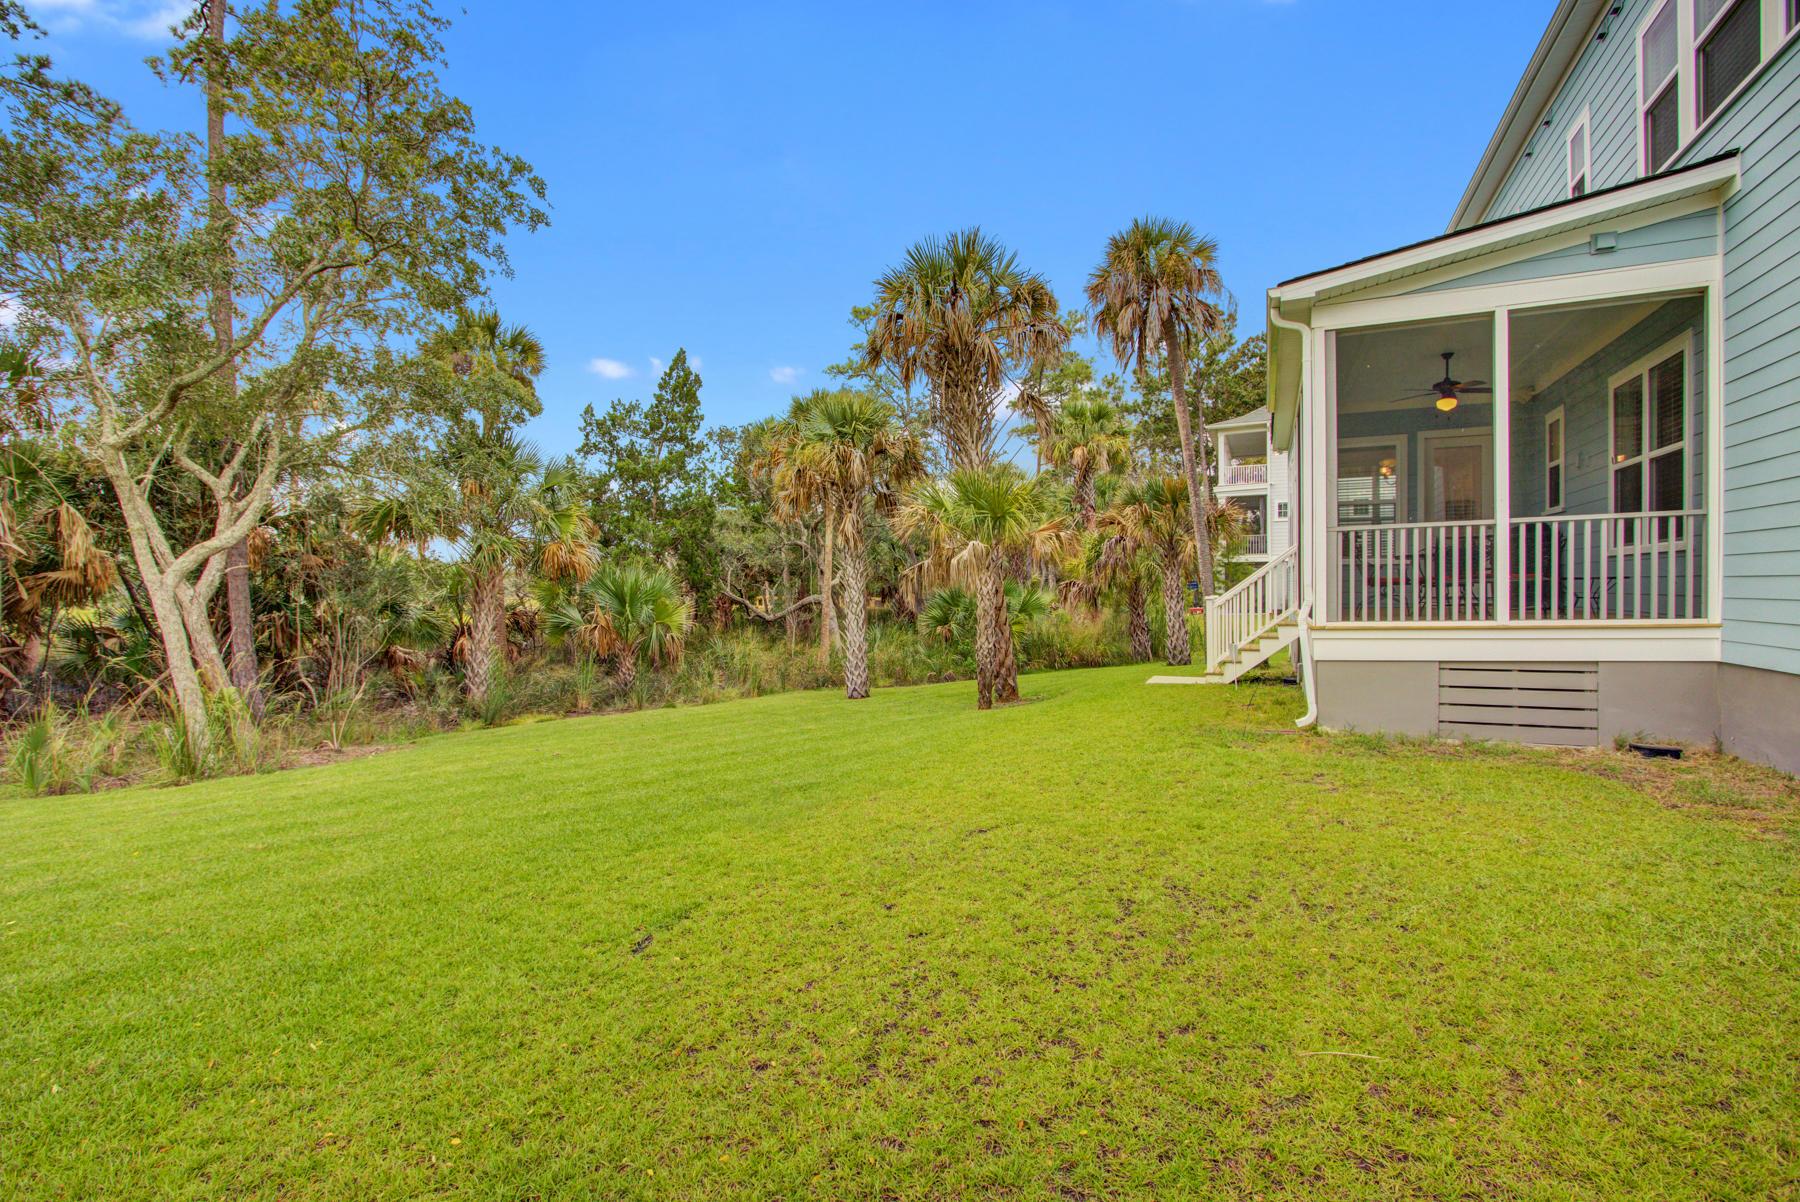 Dunes West Homes For Sale - 2984 Yachtsman, Mount Pleasant, SC - 26